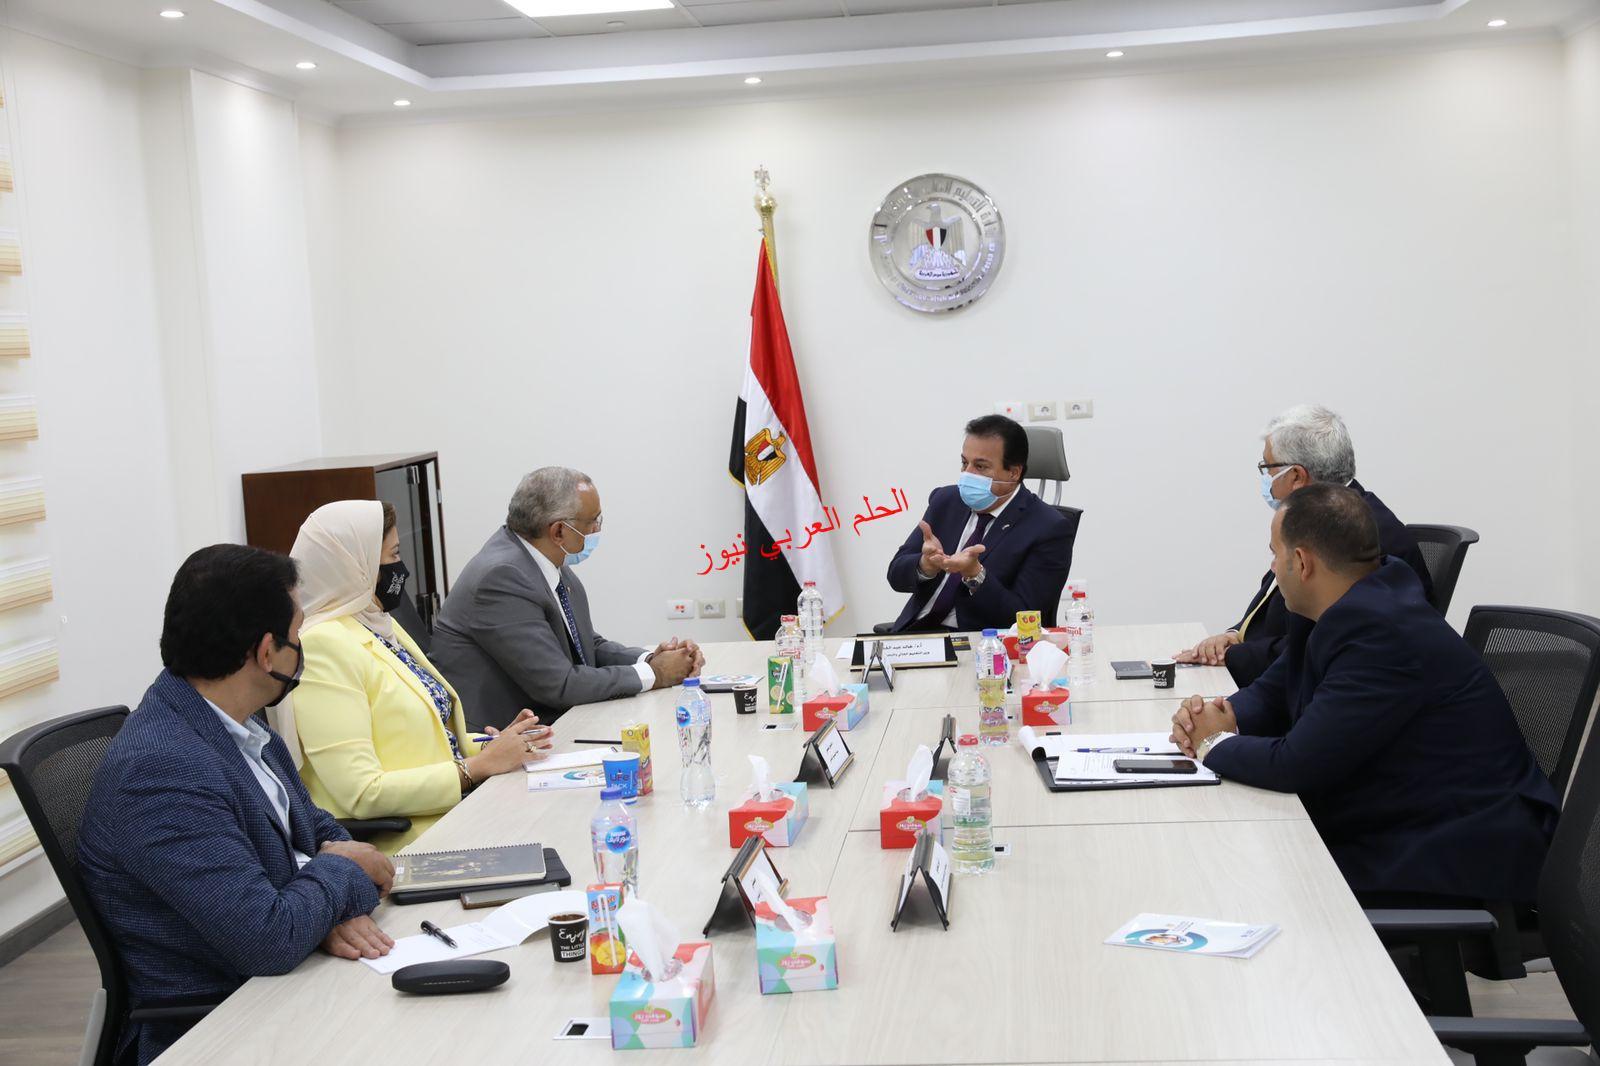 د.عبد الغفار وأجتماع مع م.أبو سعدة لوضع الهوية البصريةللمحافظات  بقلم ليلي حسين